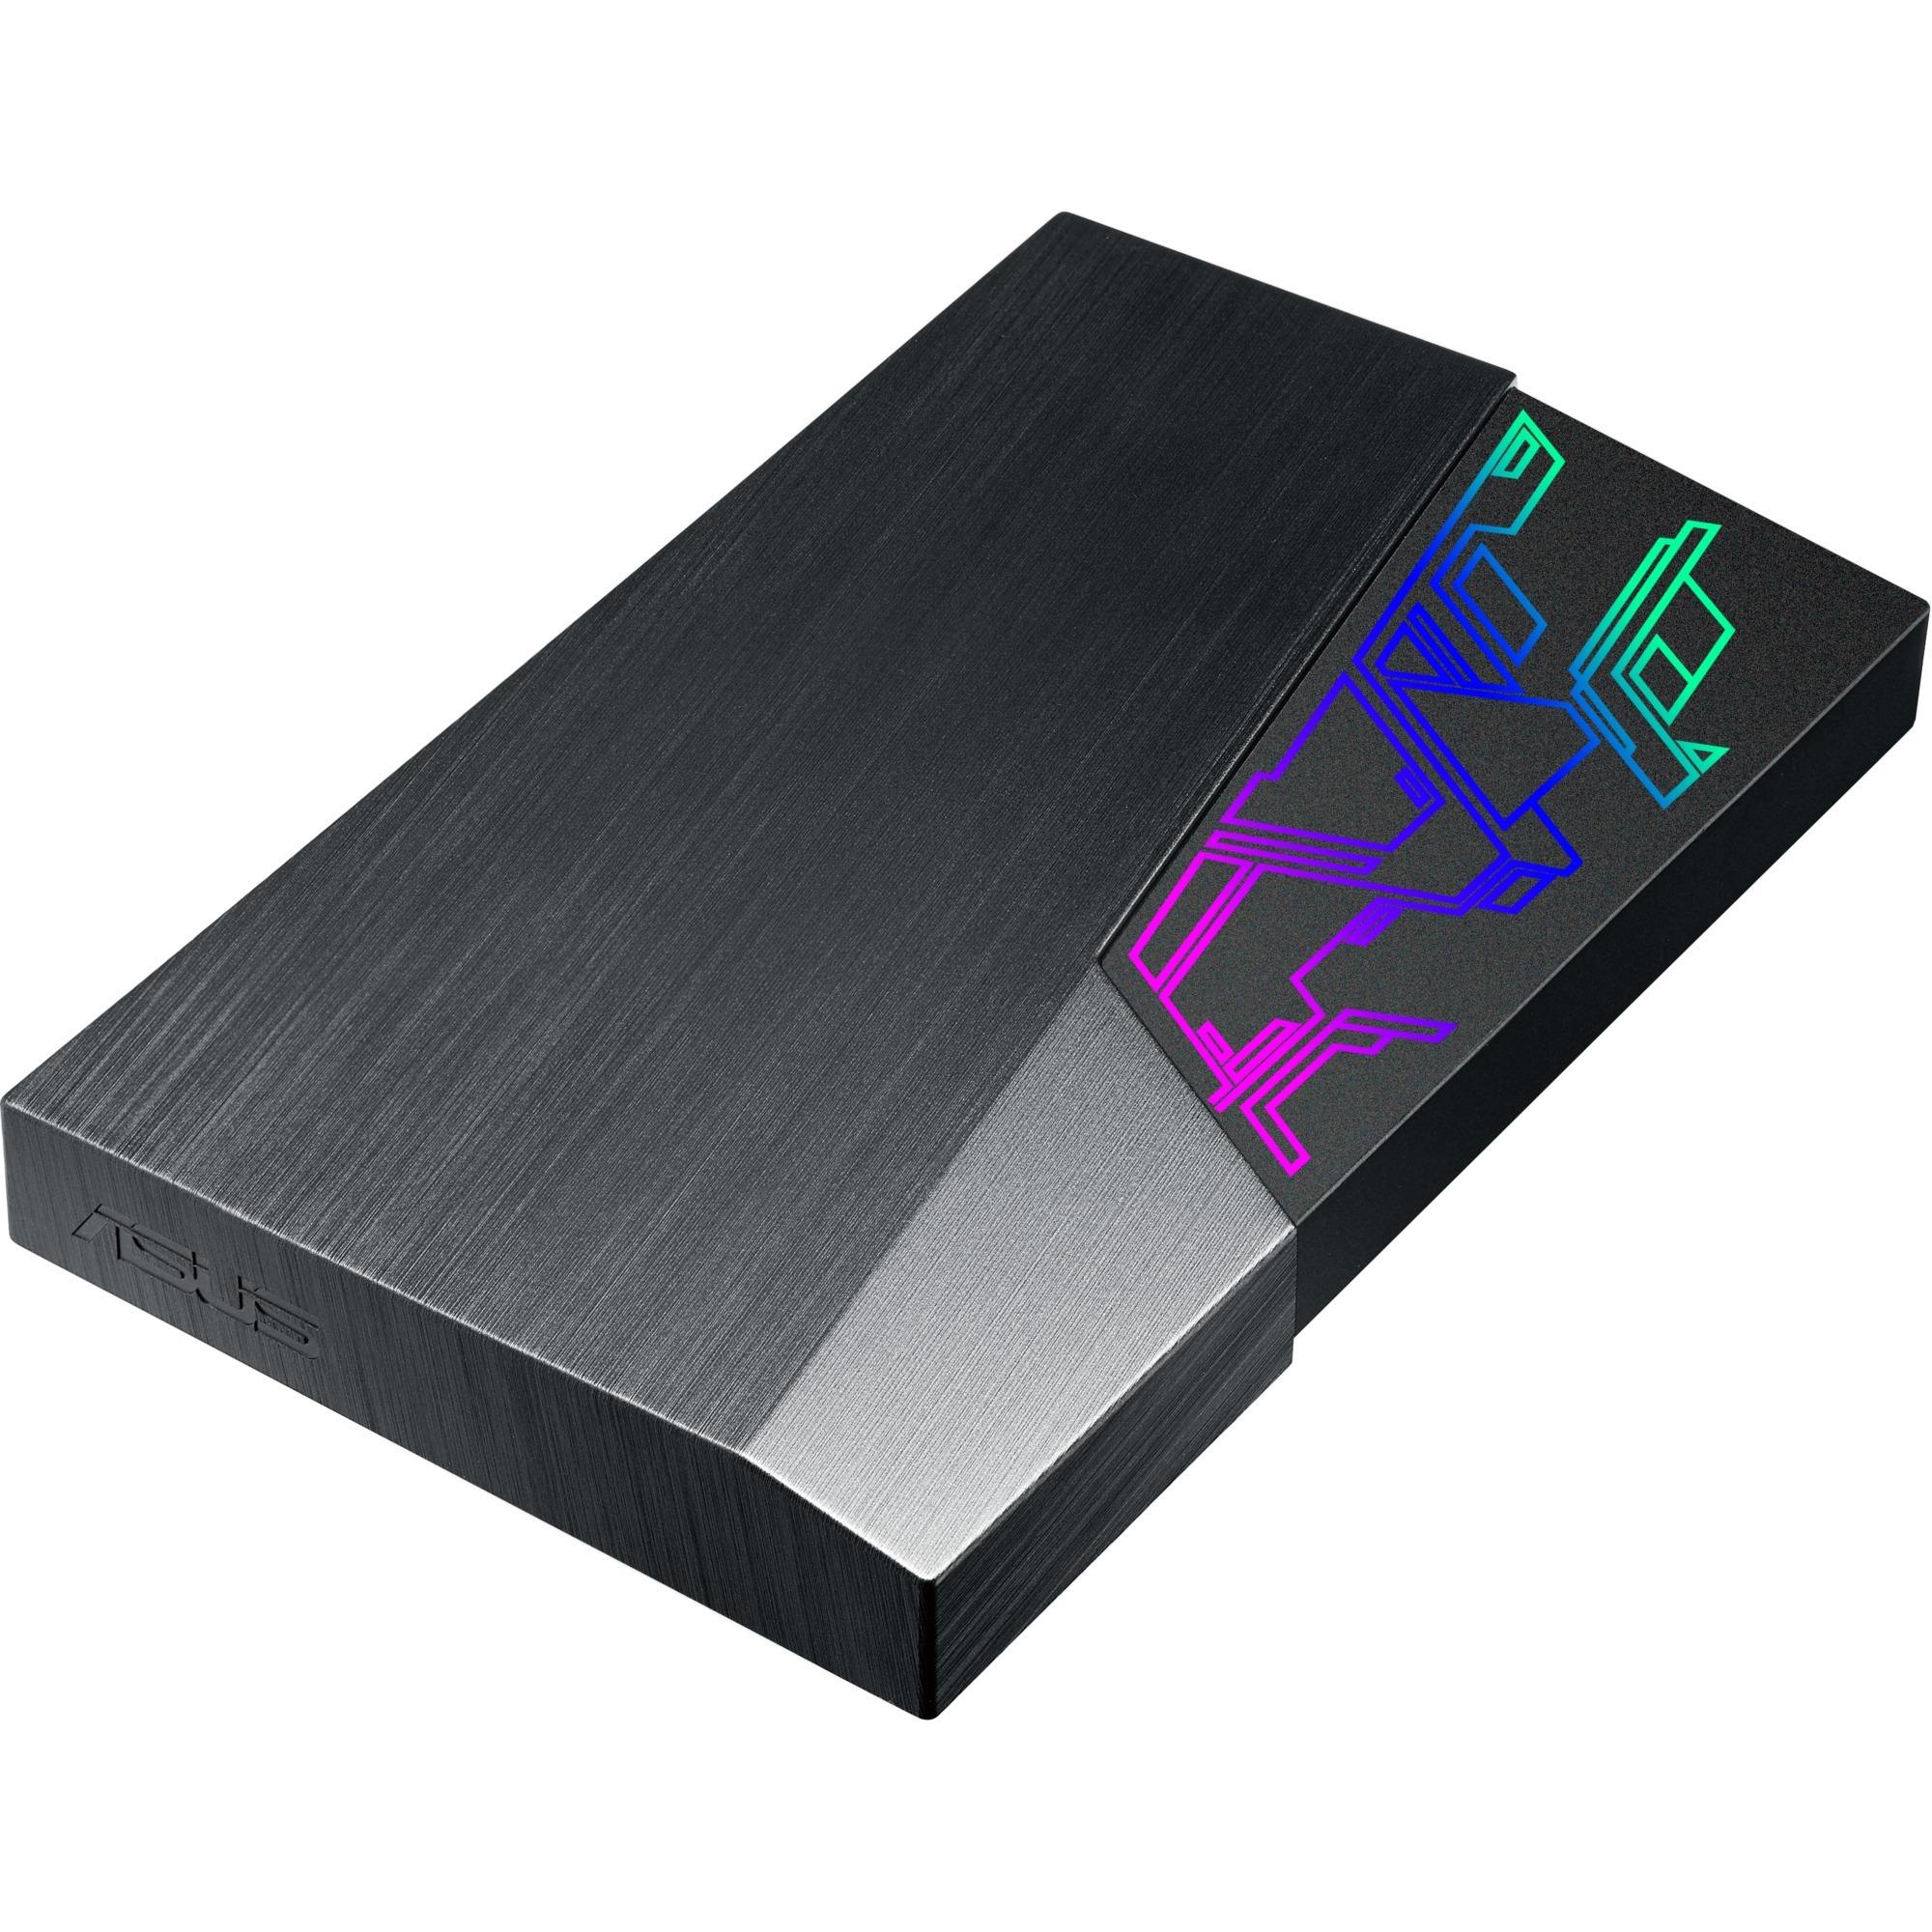 90DD02F0-B89010, Unidad de disco duro